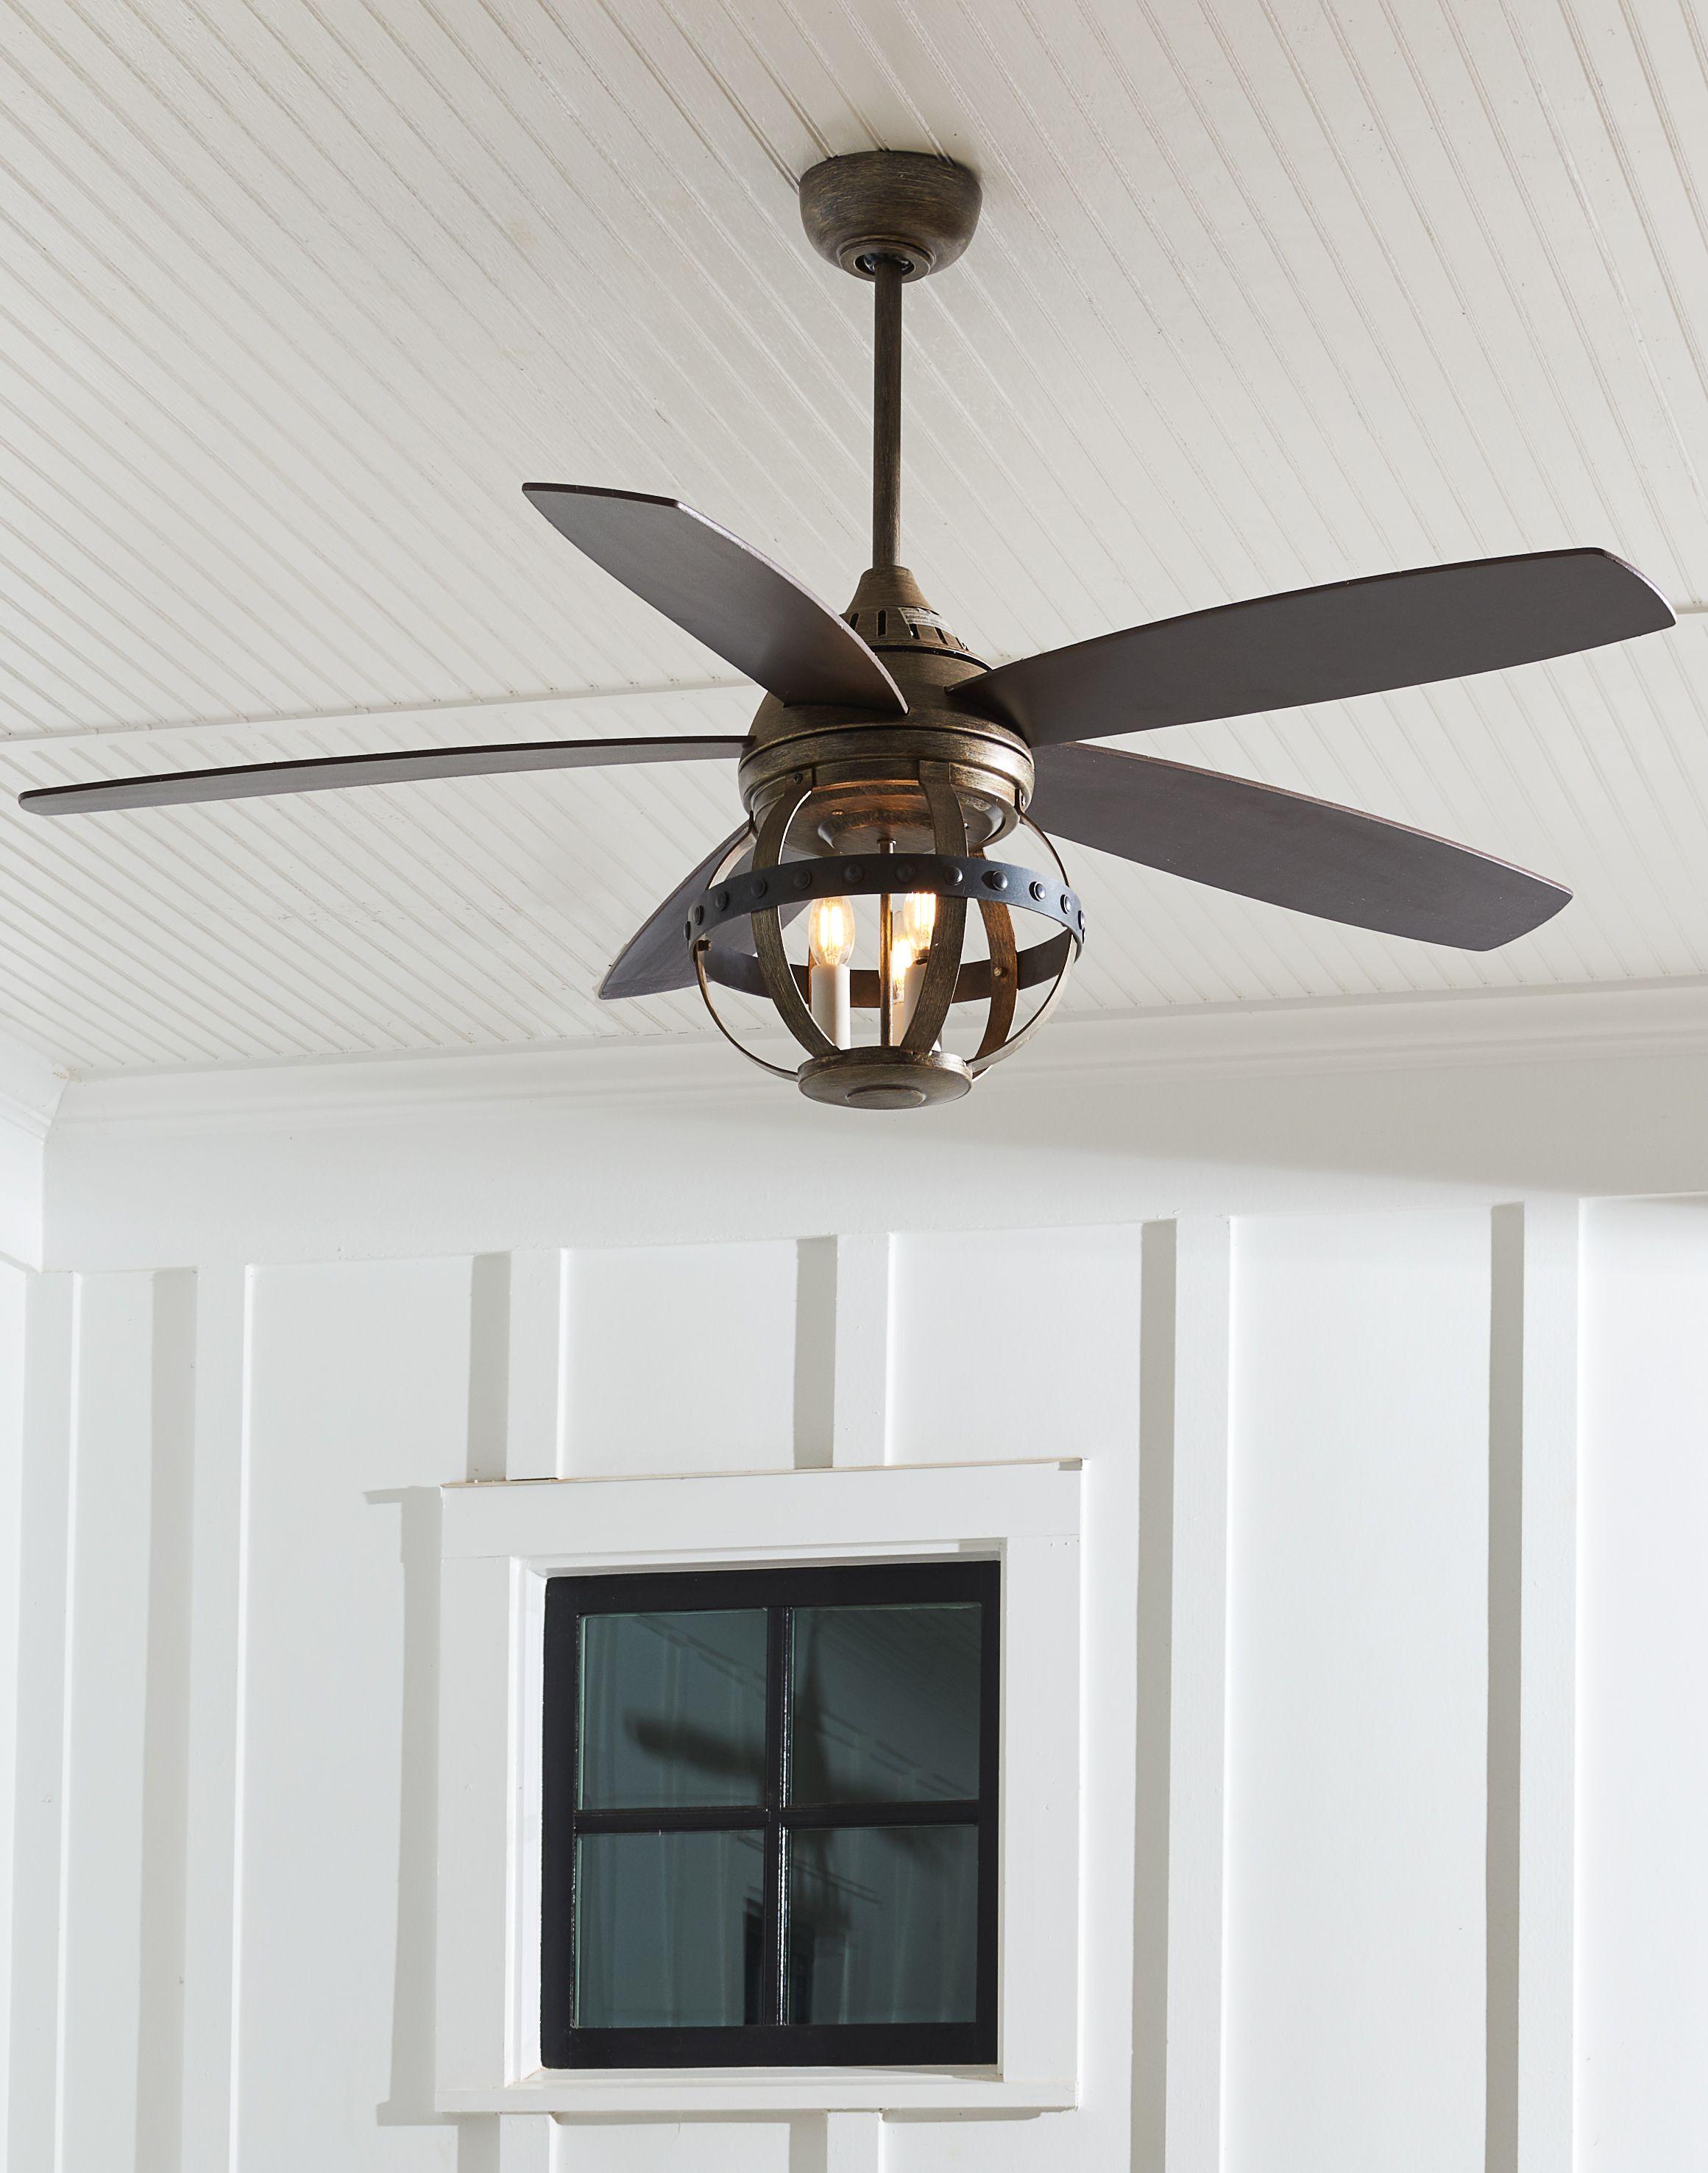 Savoy House Alsace 52 3 Light Indoor Outdoor Ceiling Fan In Reclaimed Wood Ceiling Fan Rustic Ceiling Fan Living Room Ceiling Fan